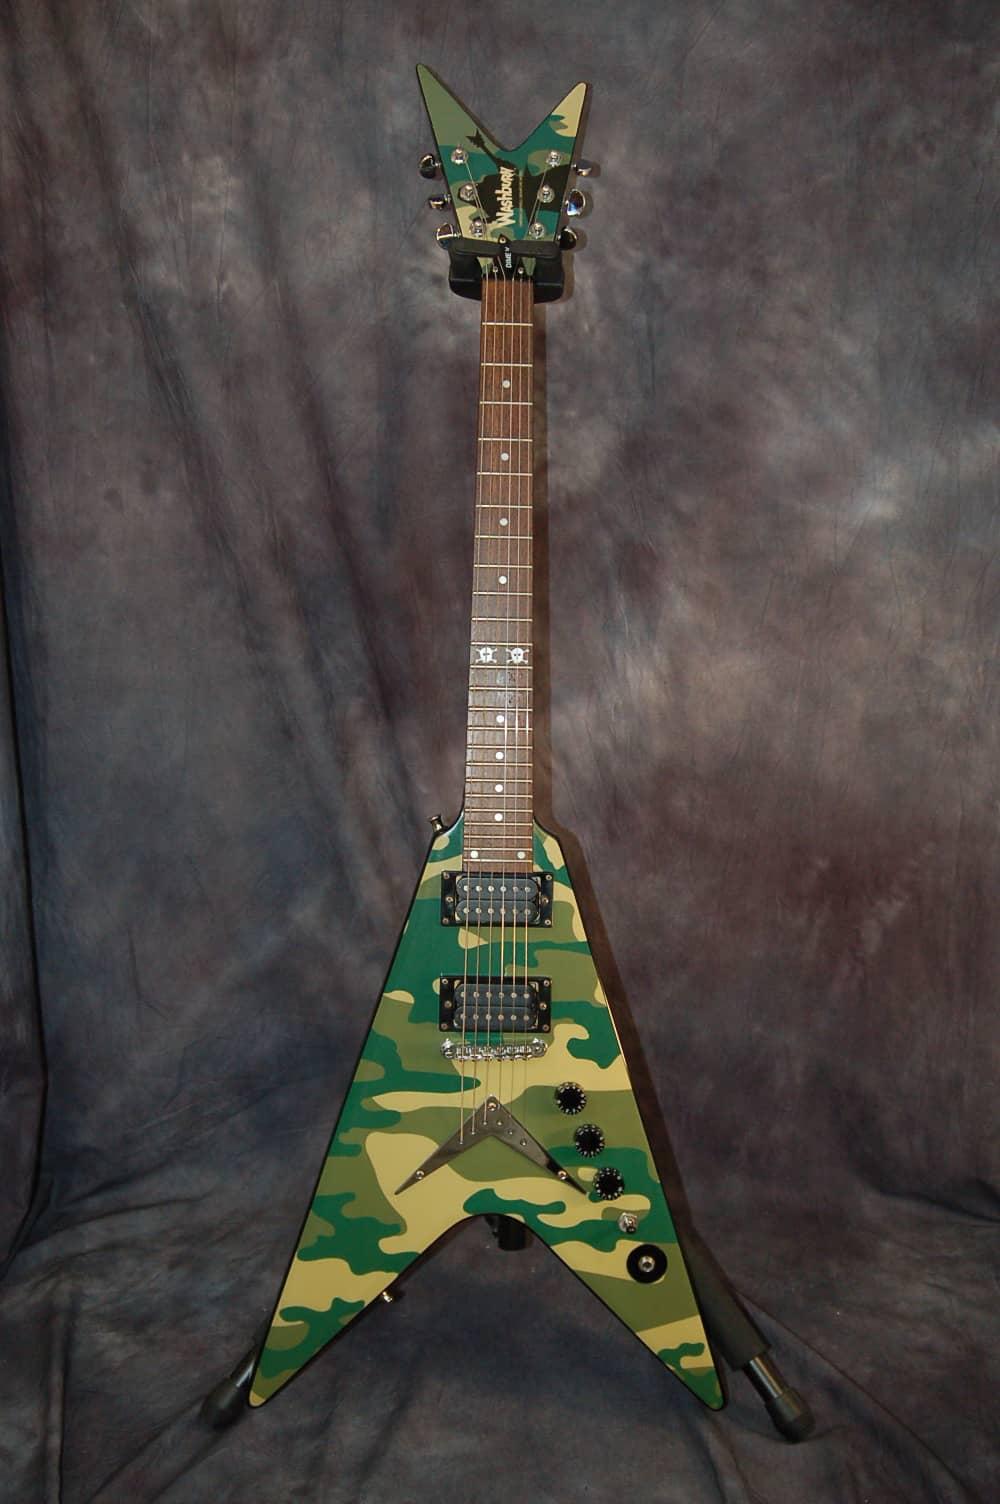 dimebag darrell guitar camo - photo #2